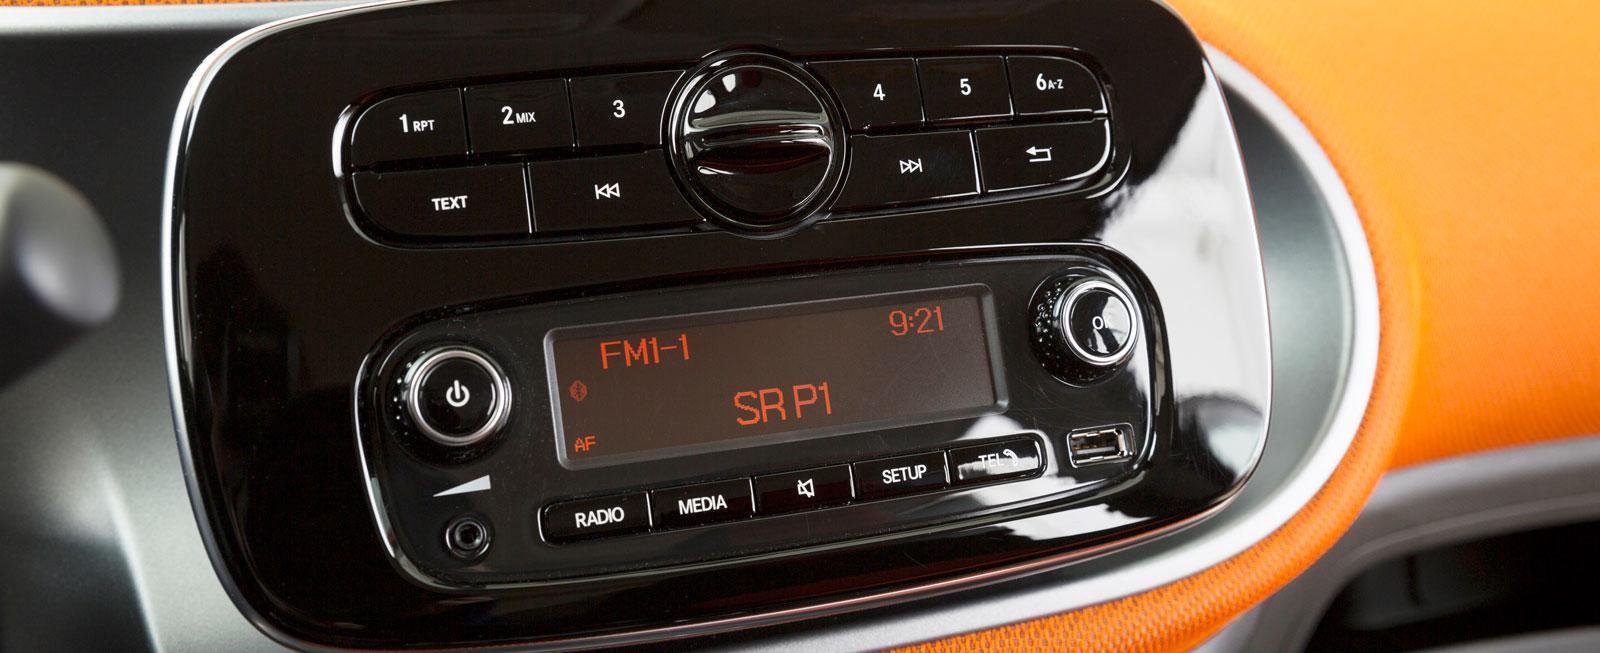 Smart är extrautrustad med ett klimat- och ljudpaket. Systemet är att likna vid en ljudanläggning med telefonuppkoppling och inte de mer avancerade systemen.